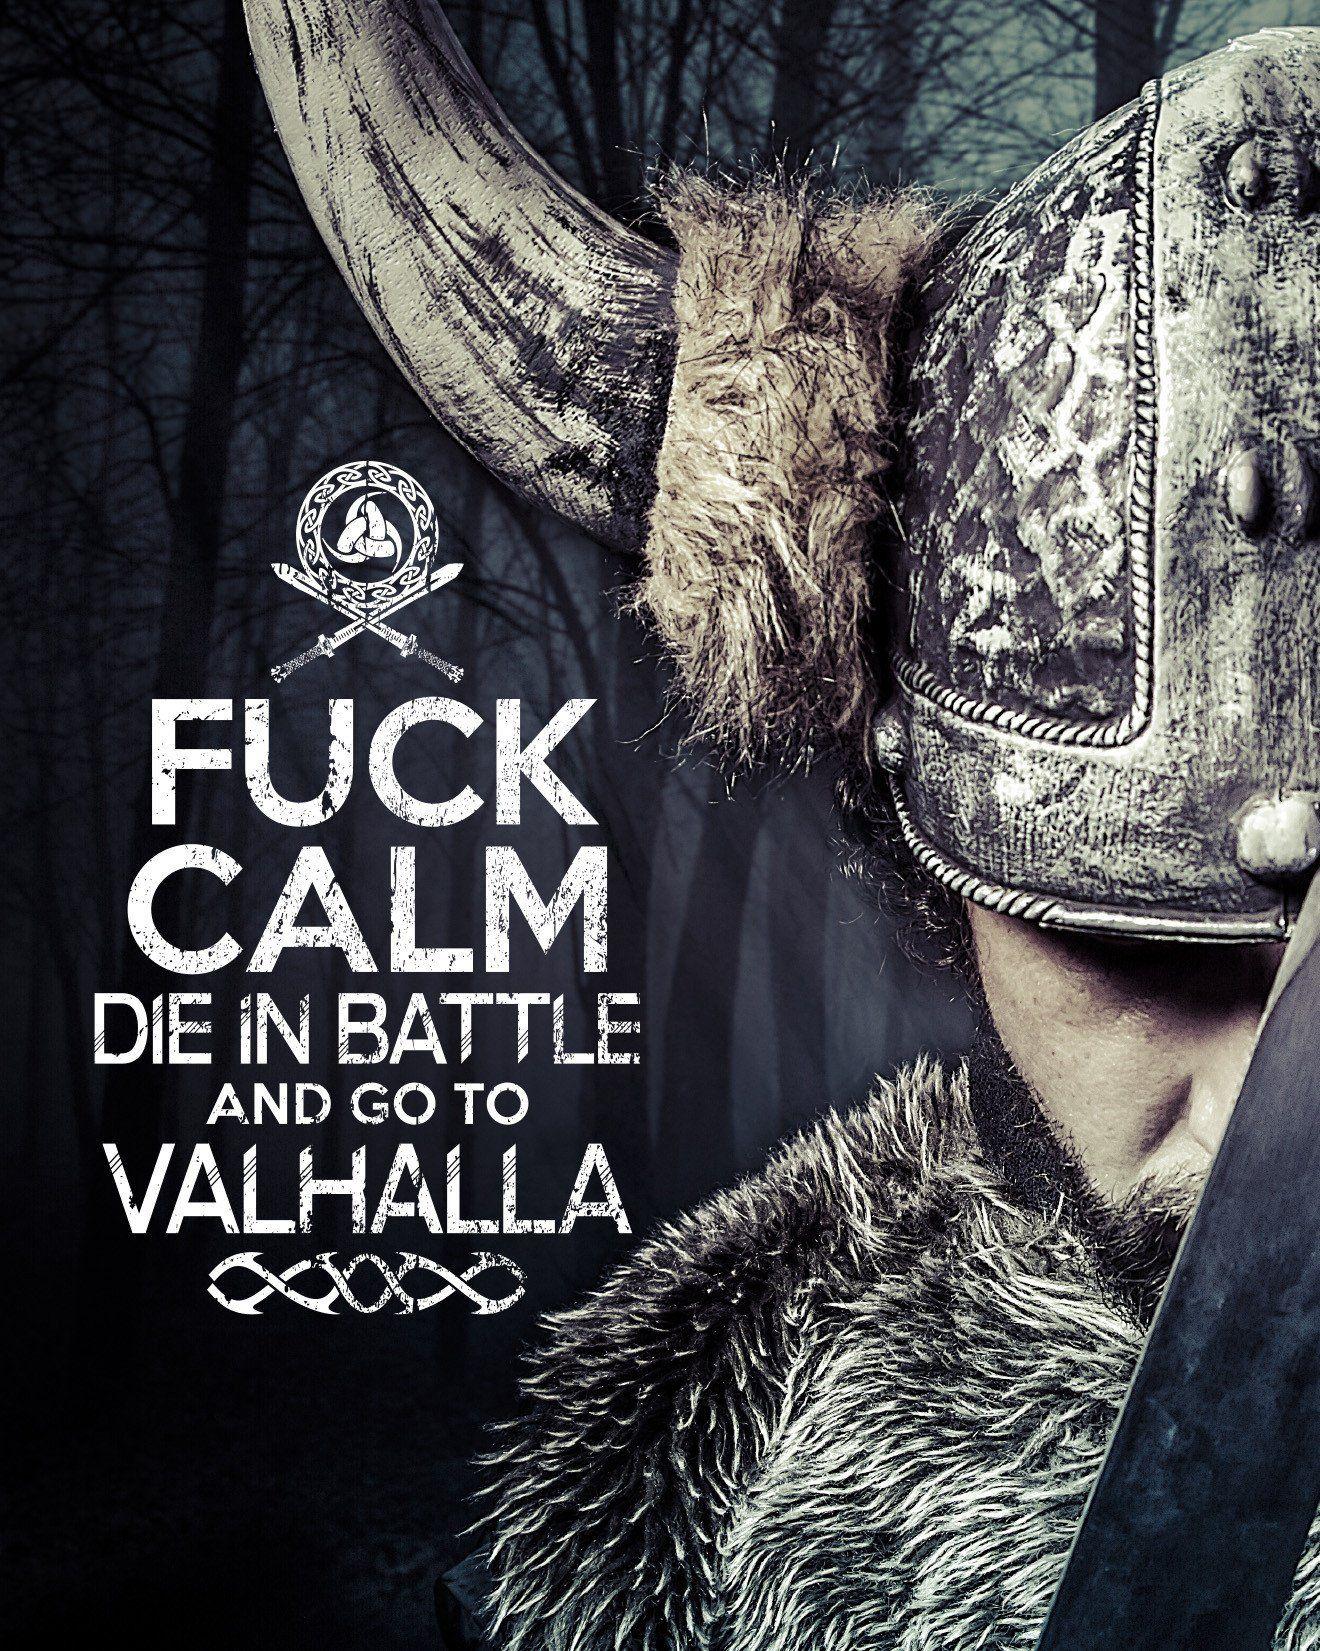 Pin De Viiryo En Vikingos Frases Vikingas Vikingos Y